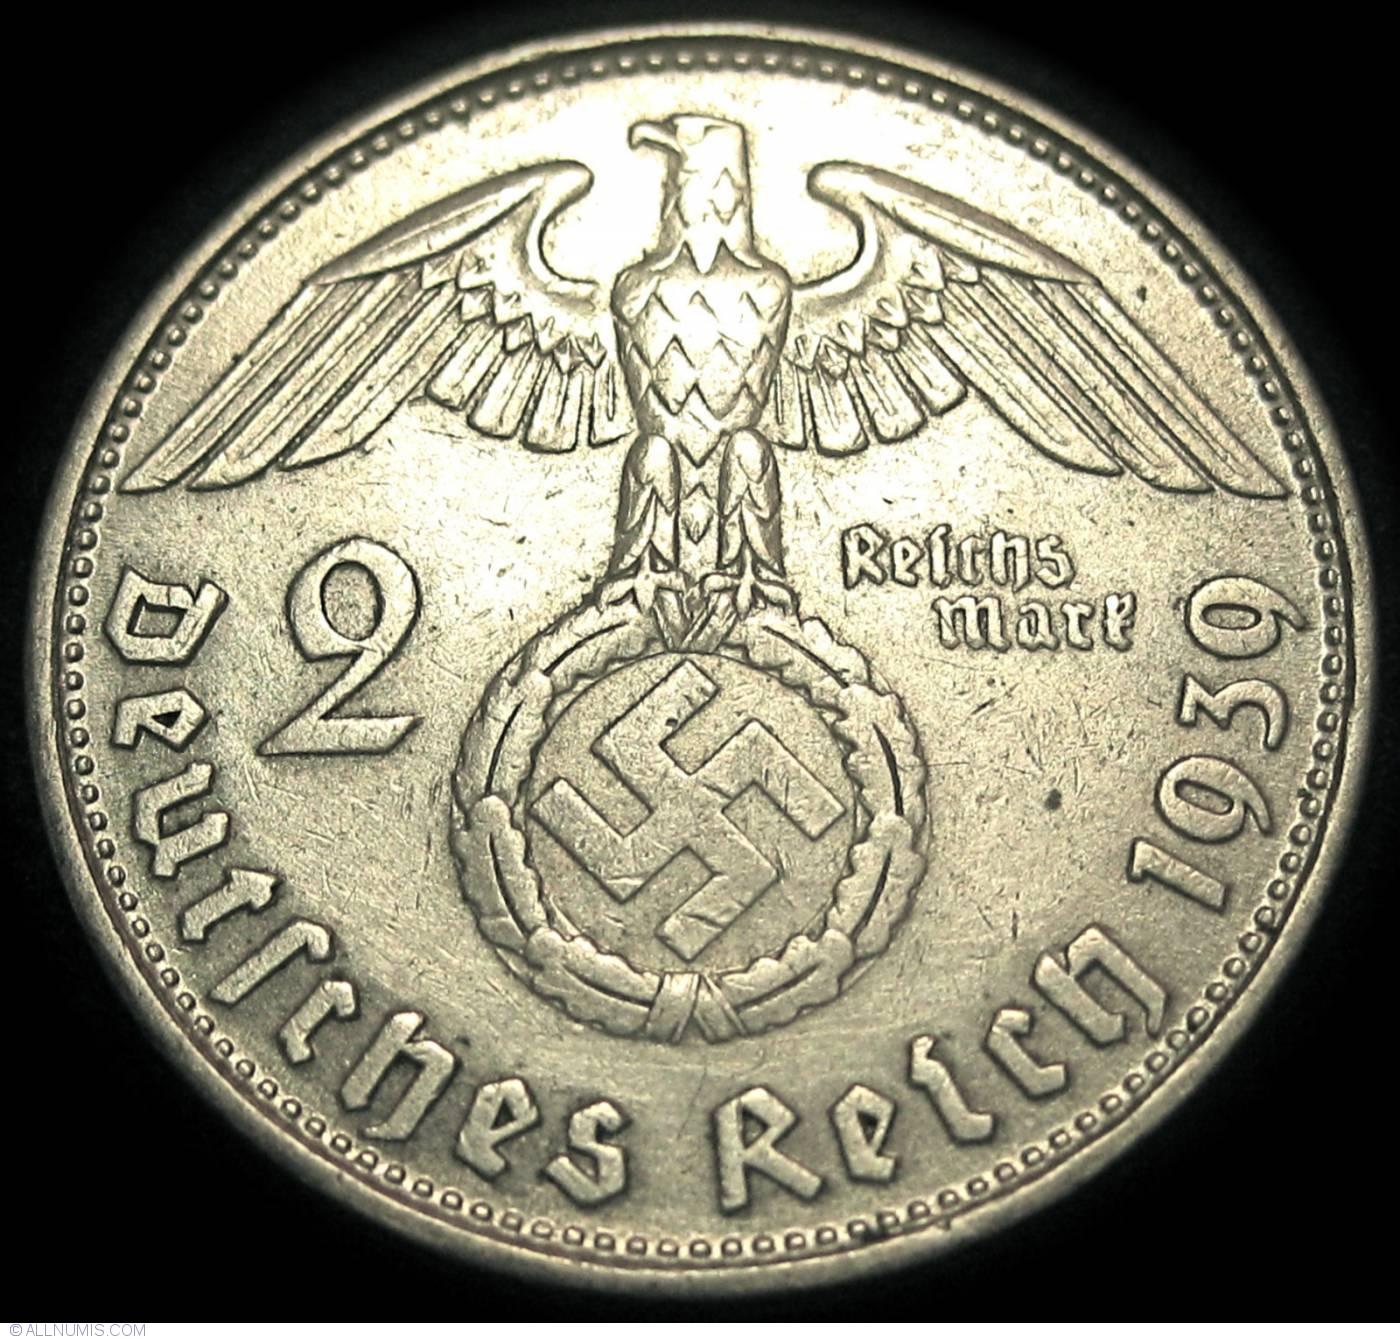 1936-5 Mark German Silver Coin WW2  Third Reich Swastika Reichsmark 1